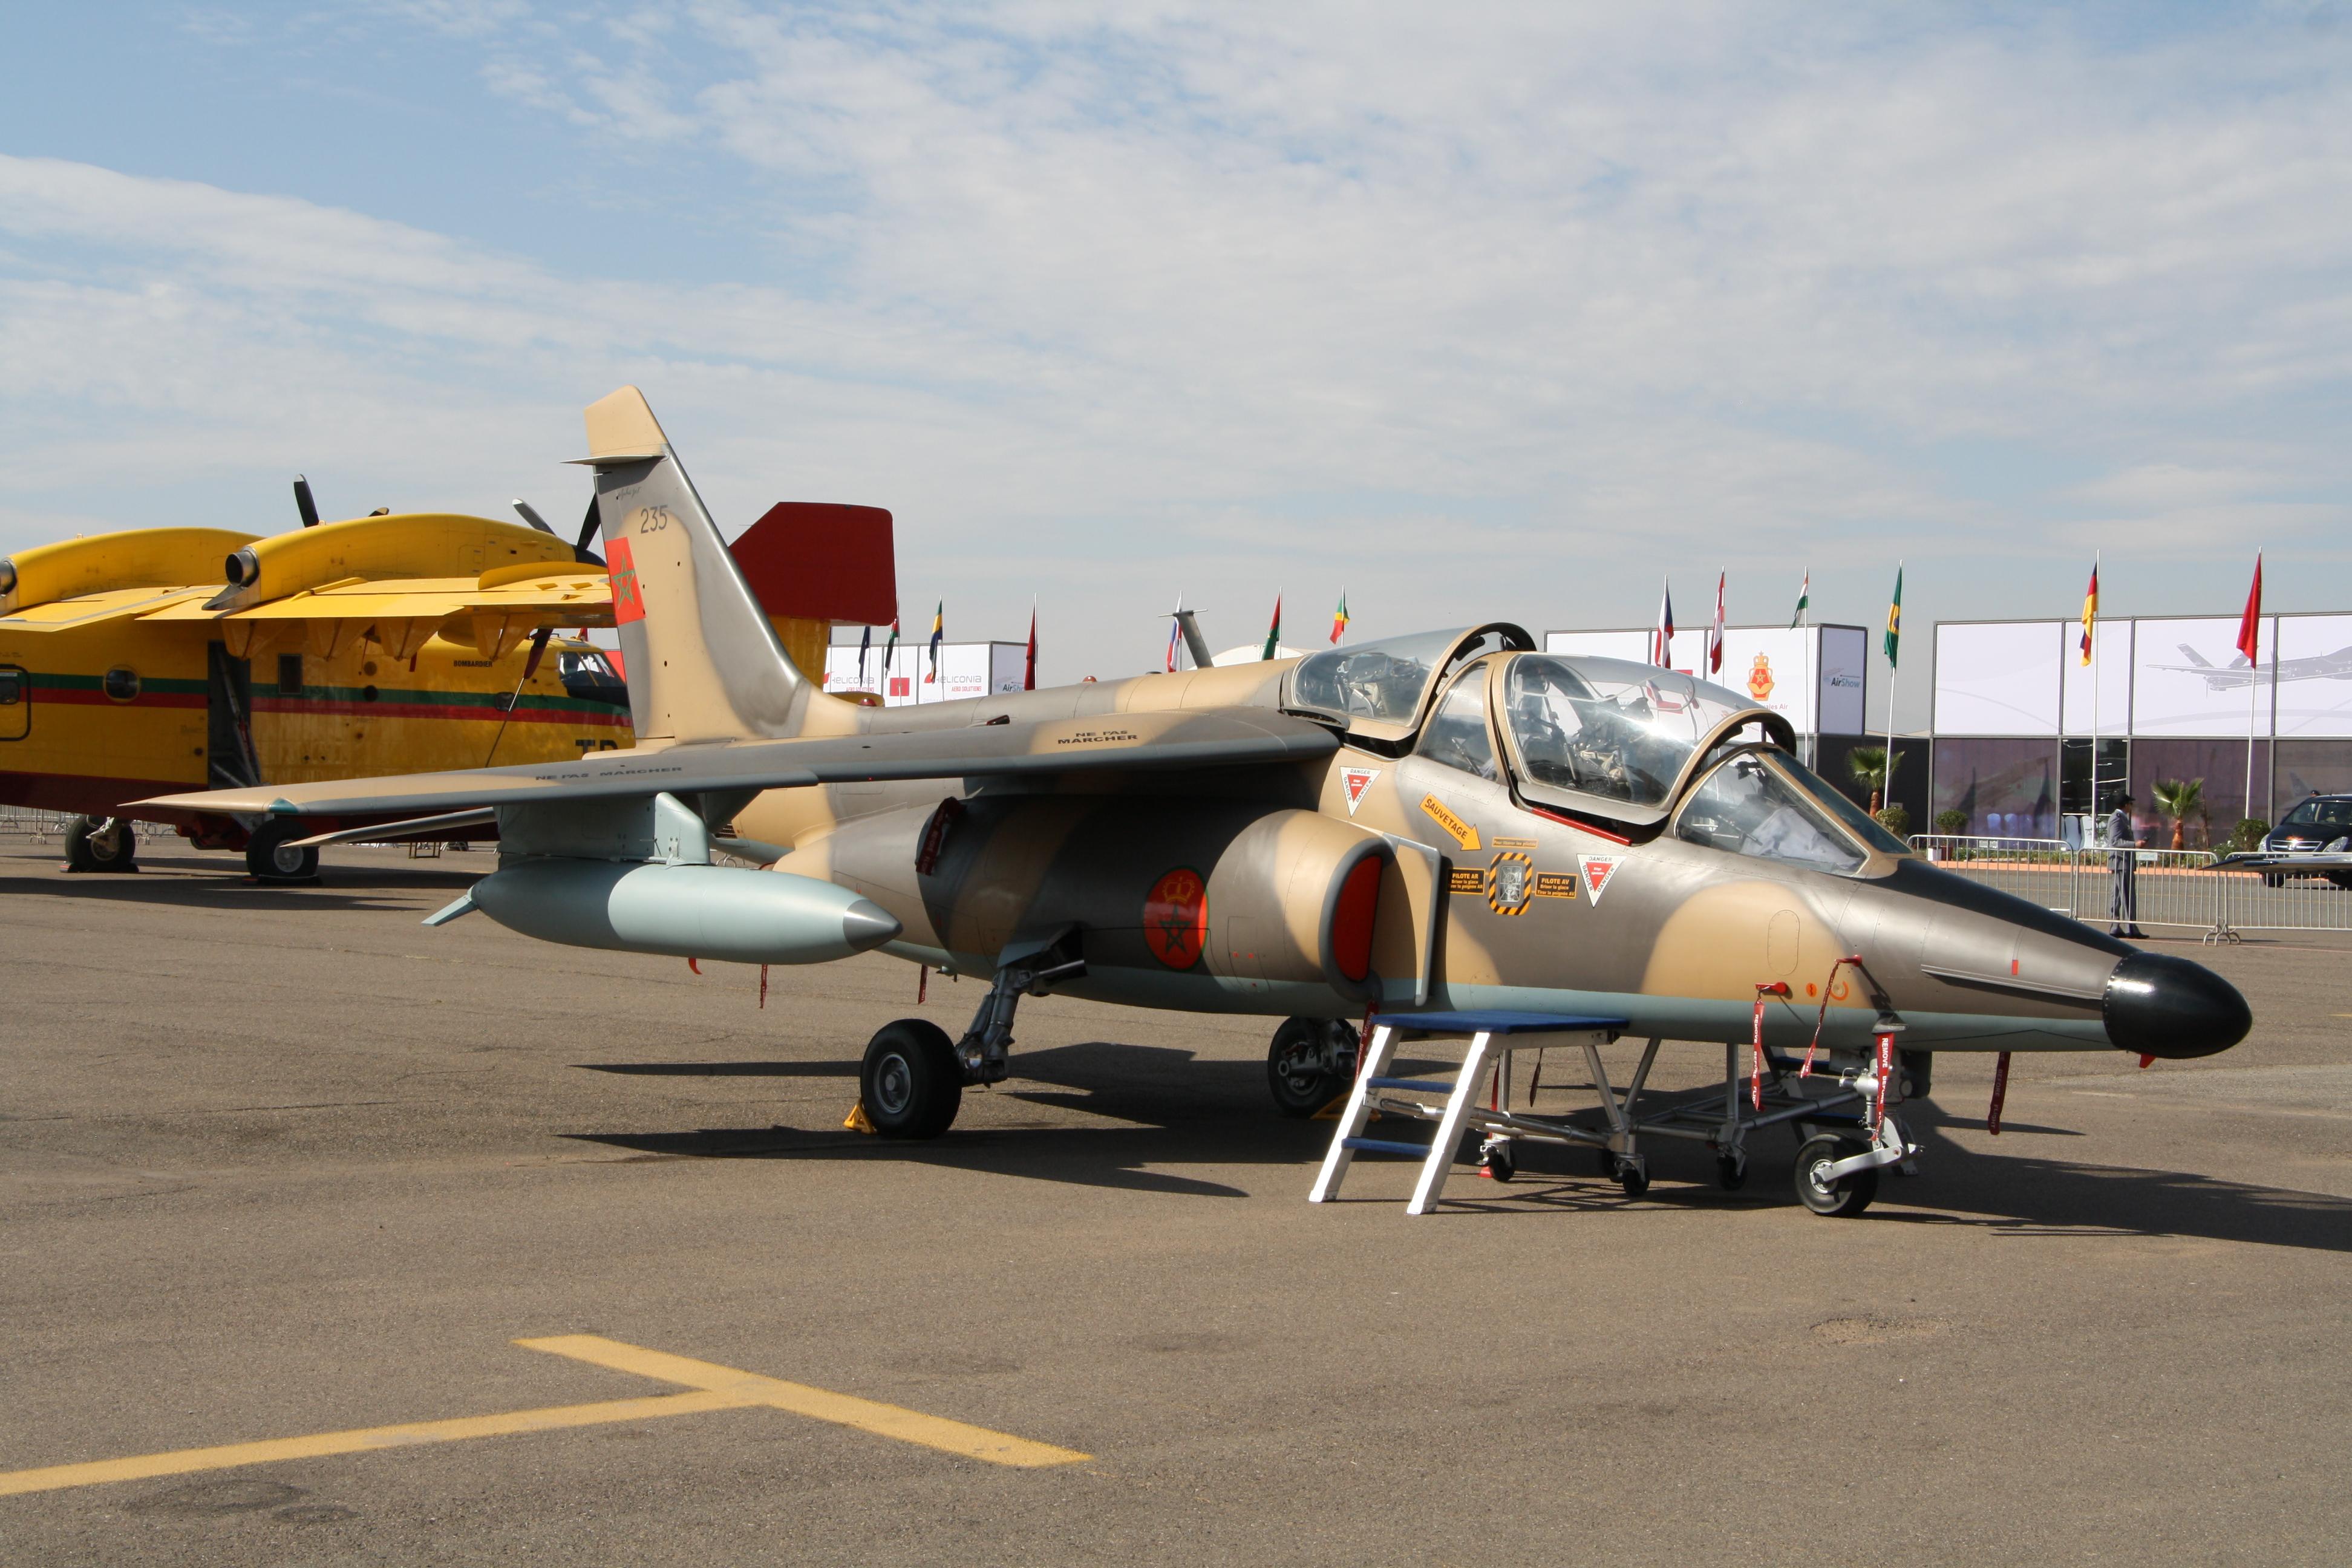 FRA: Photos avions d'entrainement et anti insurrection - Page 8 26640001442_ec69ebfe11_o